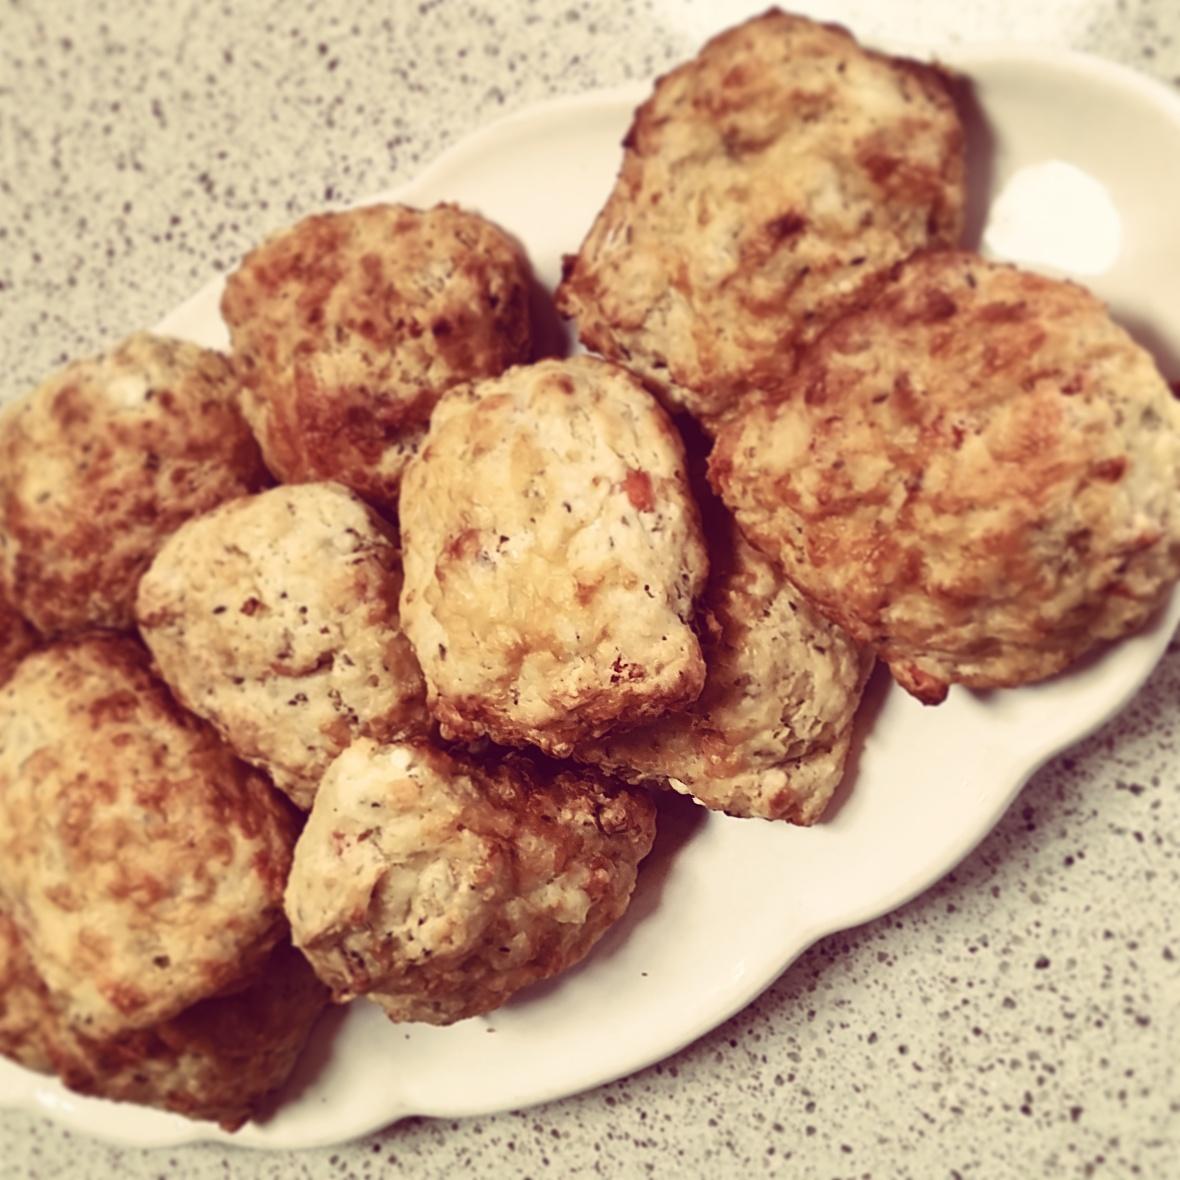 scones.jpg